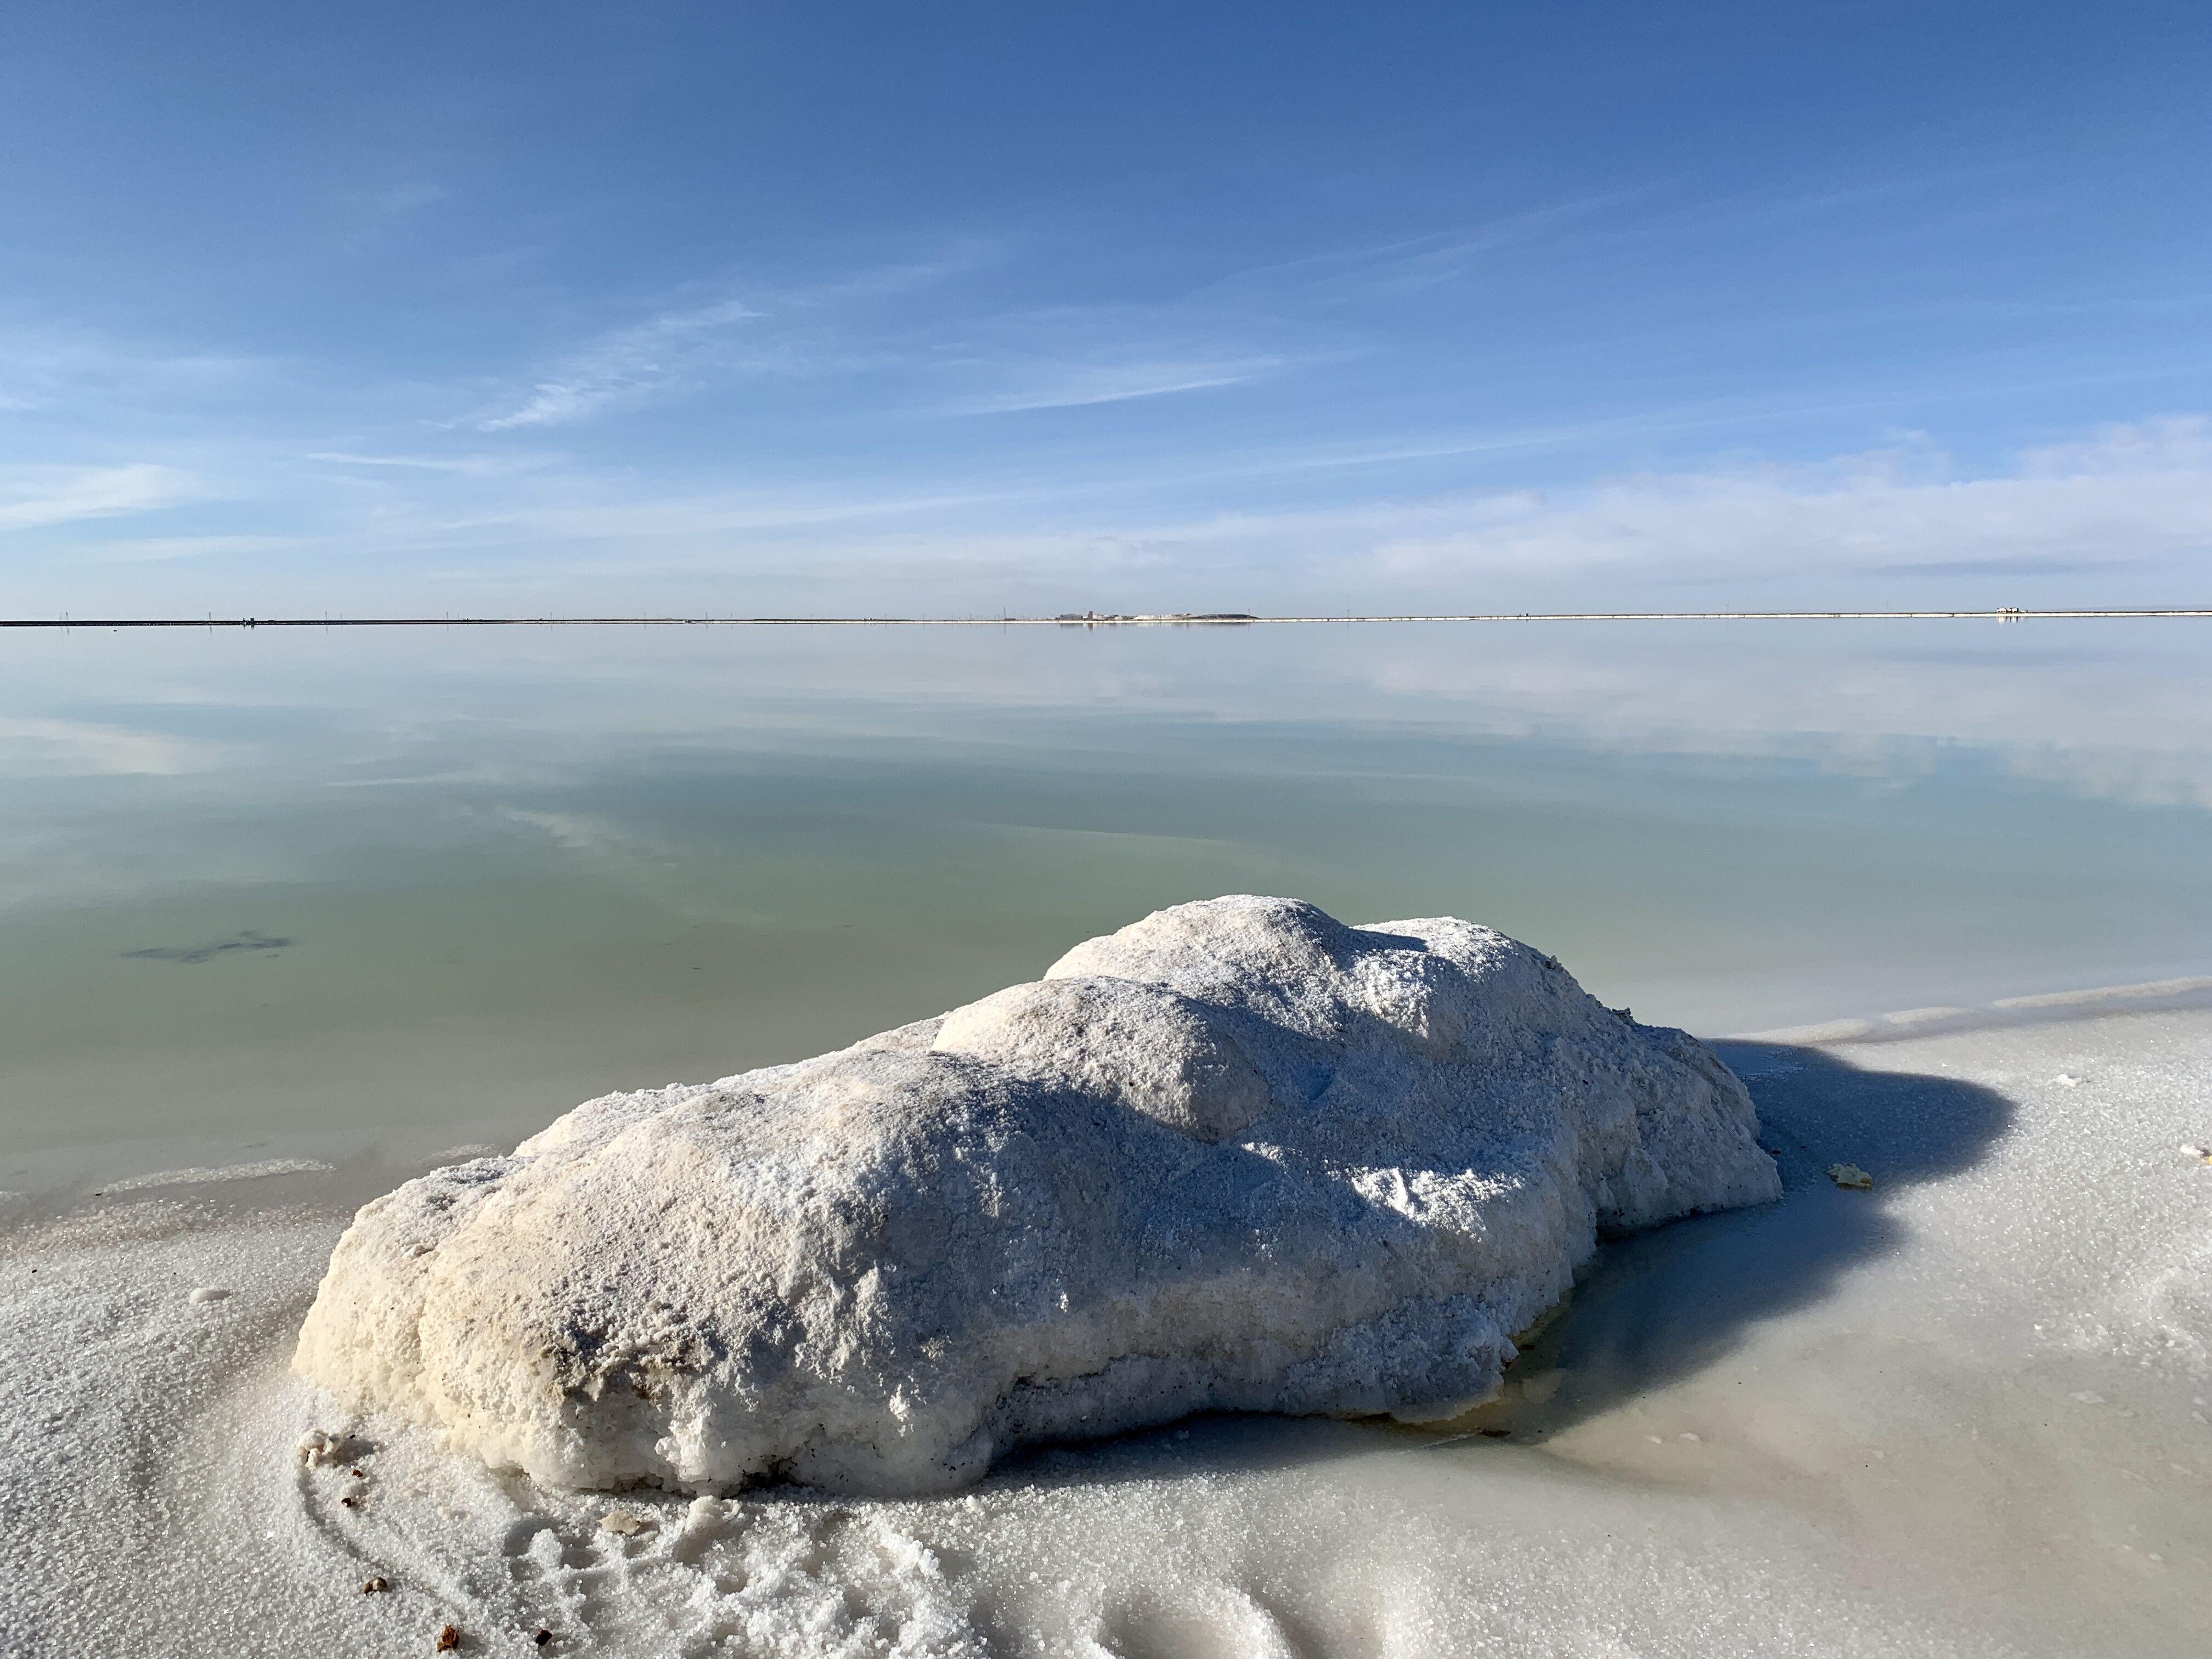 2000亿A股巨头杀入锂矿行业!耗资50亿收购海外锂盐商